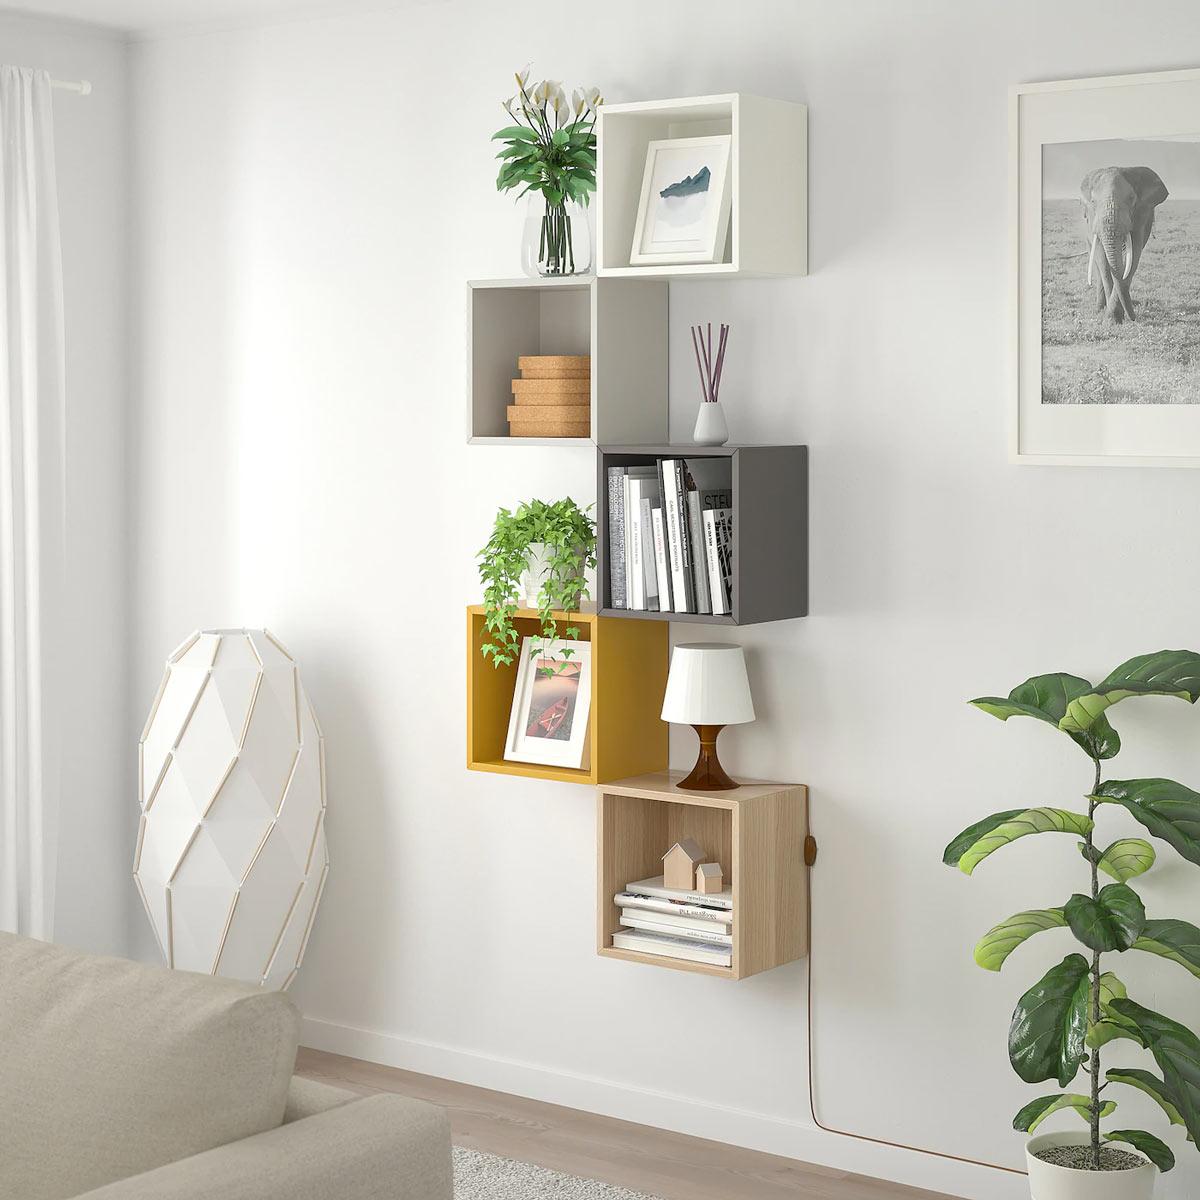 Mensole quadrate IKEA